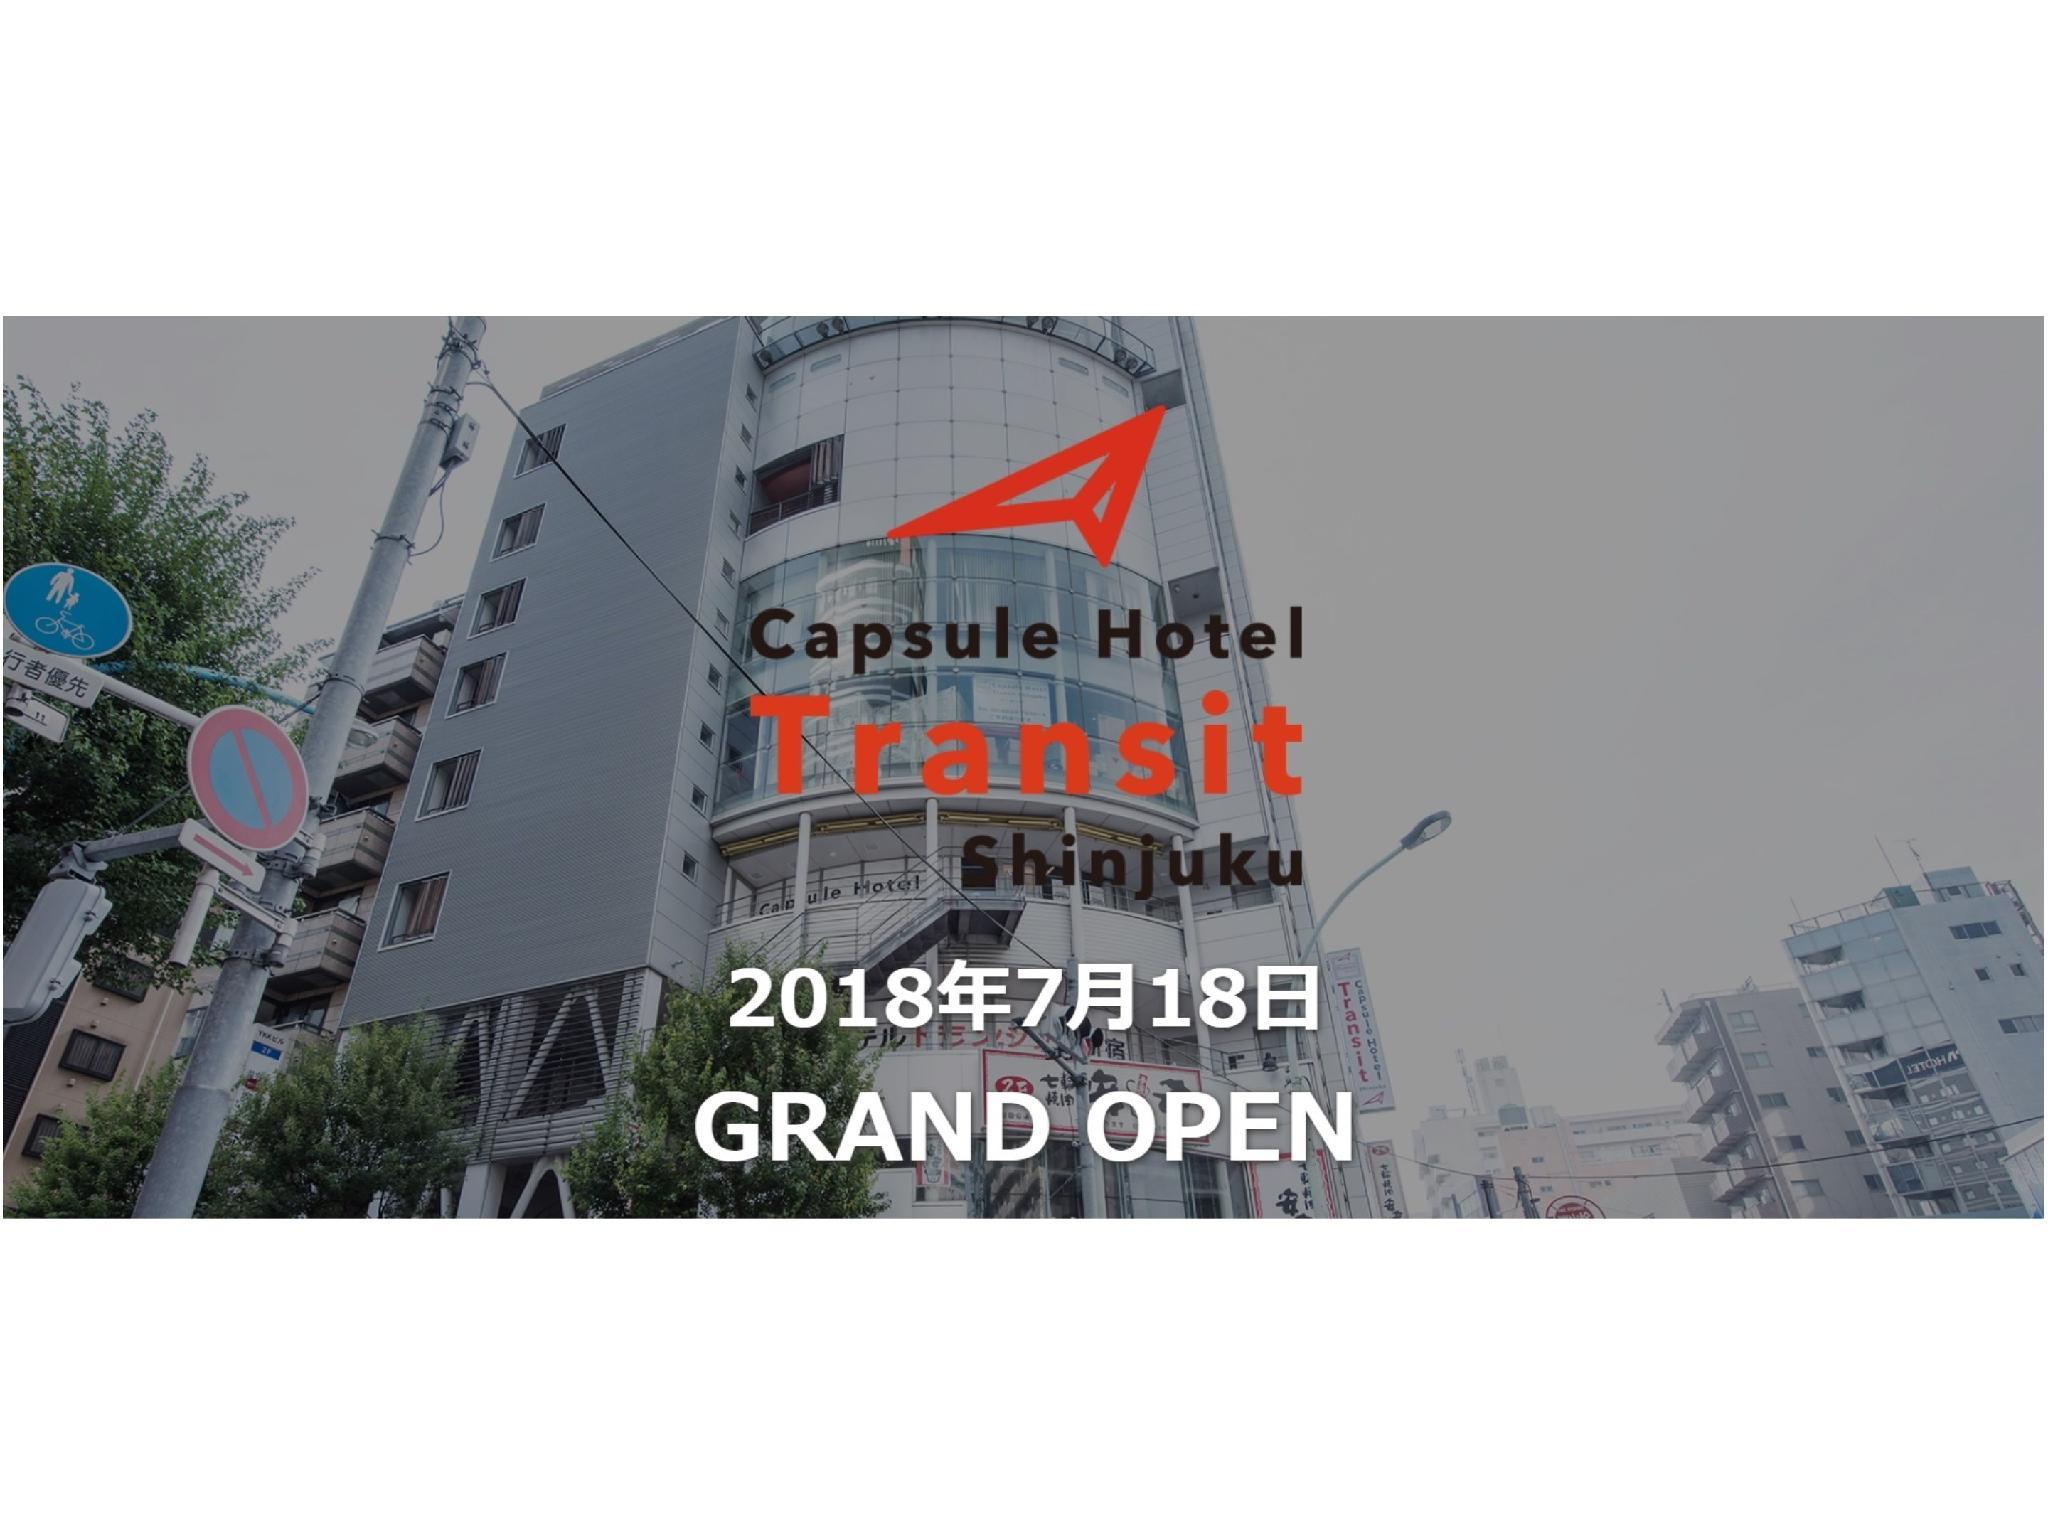 Capsule Hotel Transit Shinjuku